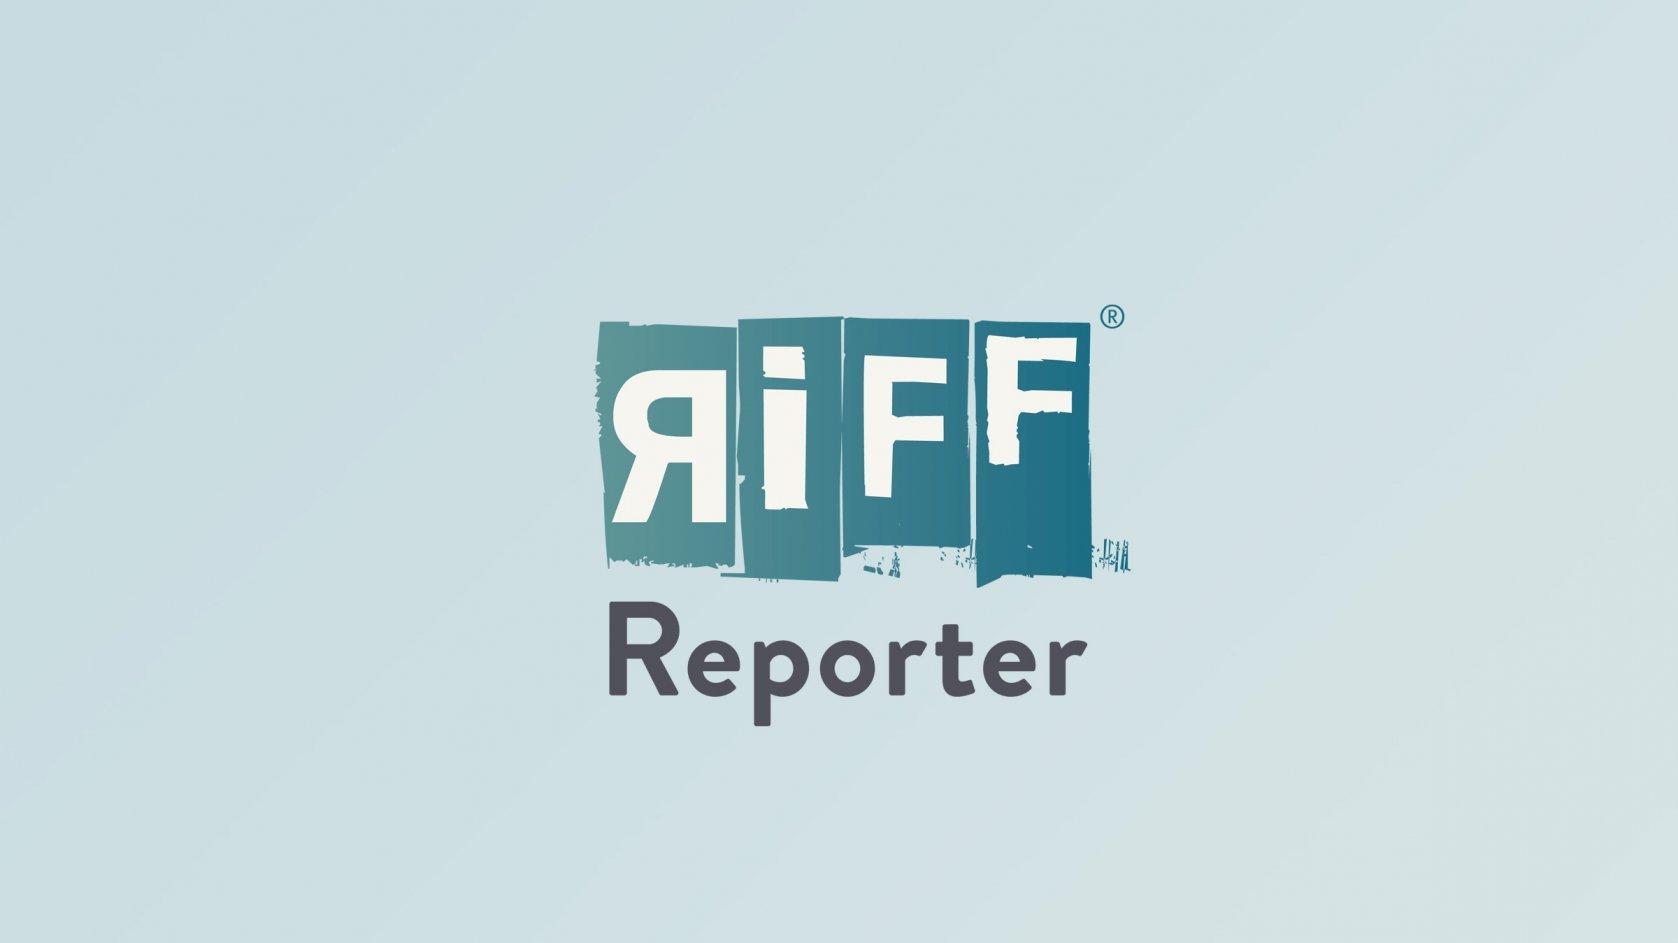 Der Redner und Buchautor Dr. Peter Spork hält einen öffentlichen Vortrag in der Aula der Freiburger Universität.